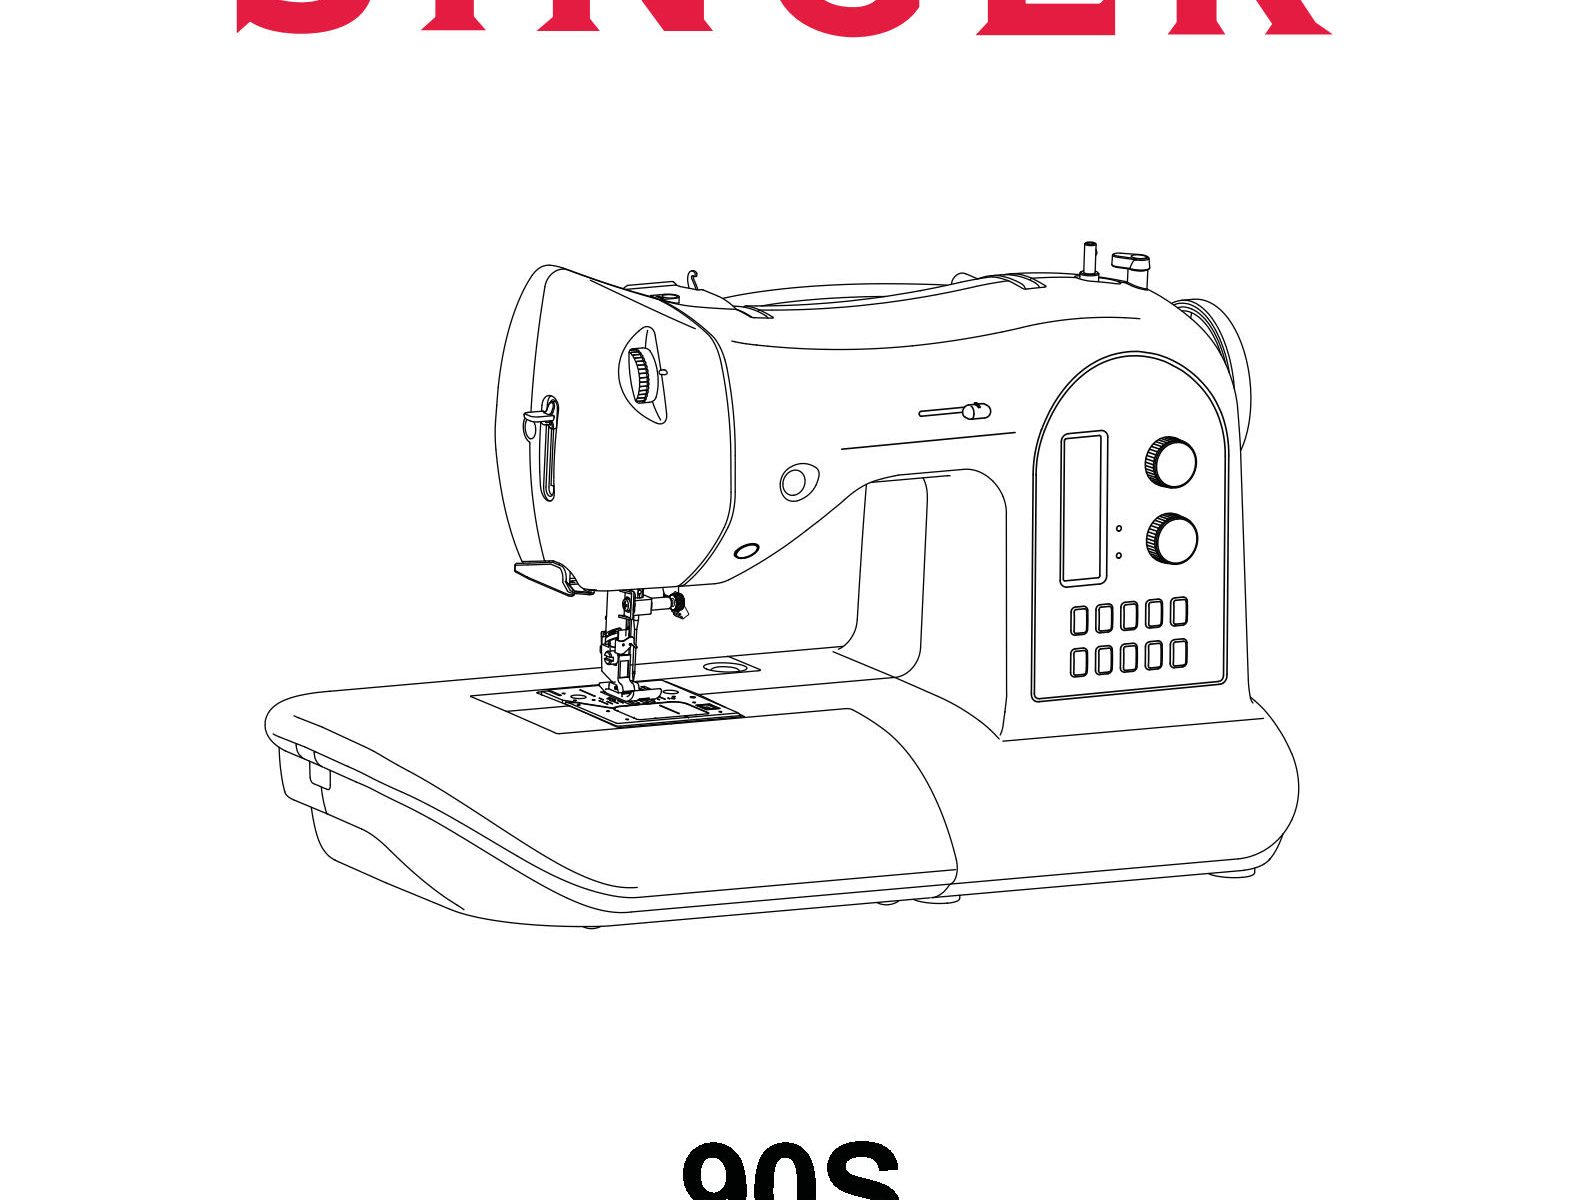 Singer 90s